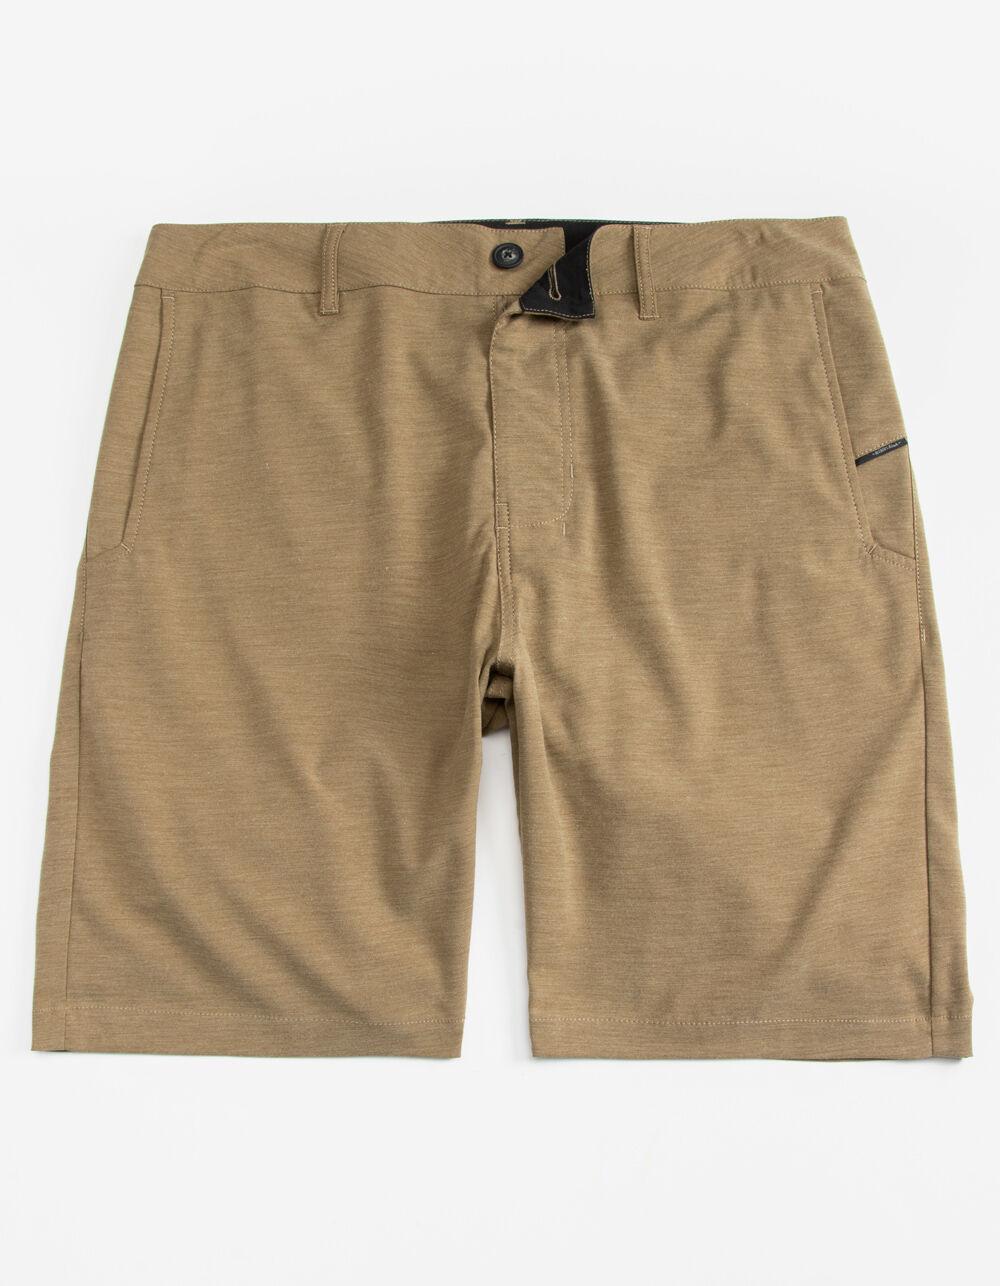 NITROUS BLACK Bronson Dark Khaki Hybrid Shorts